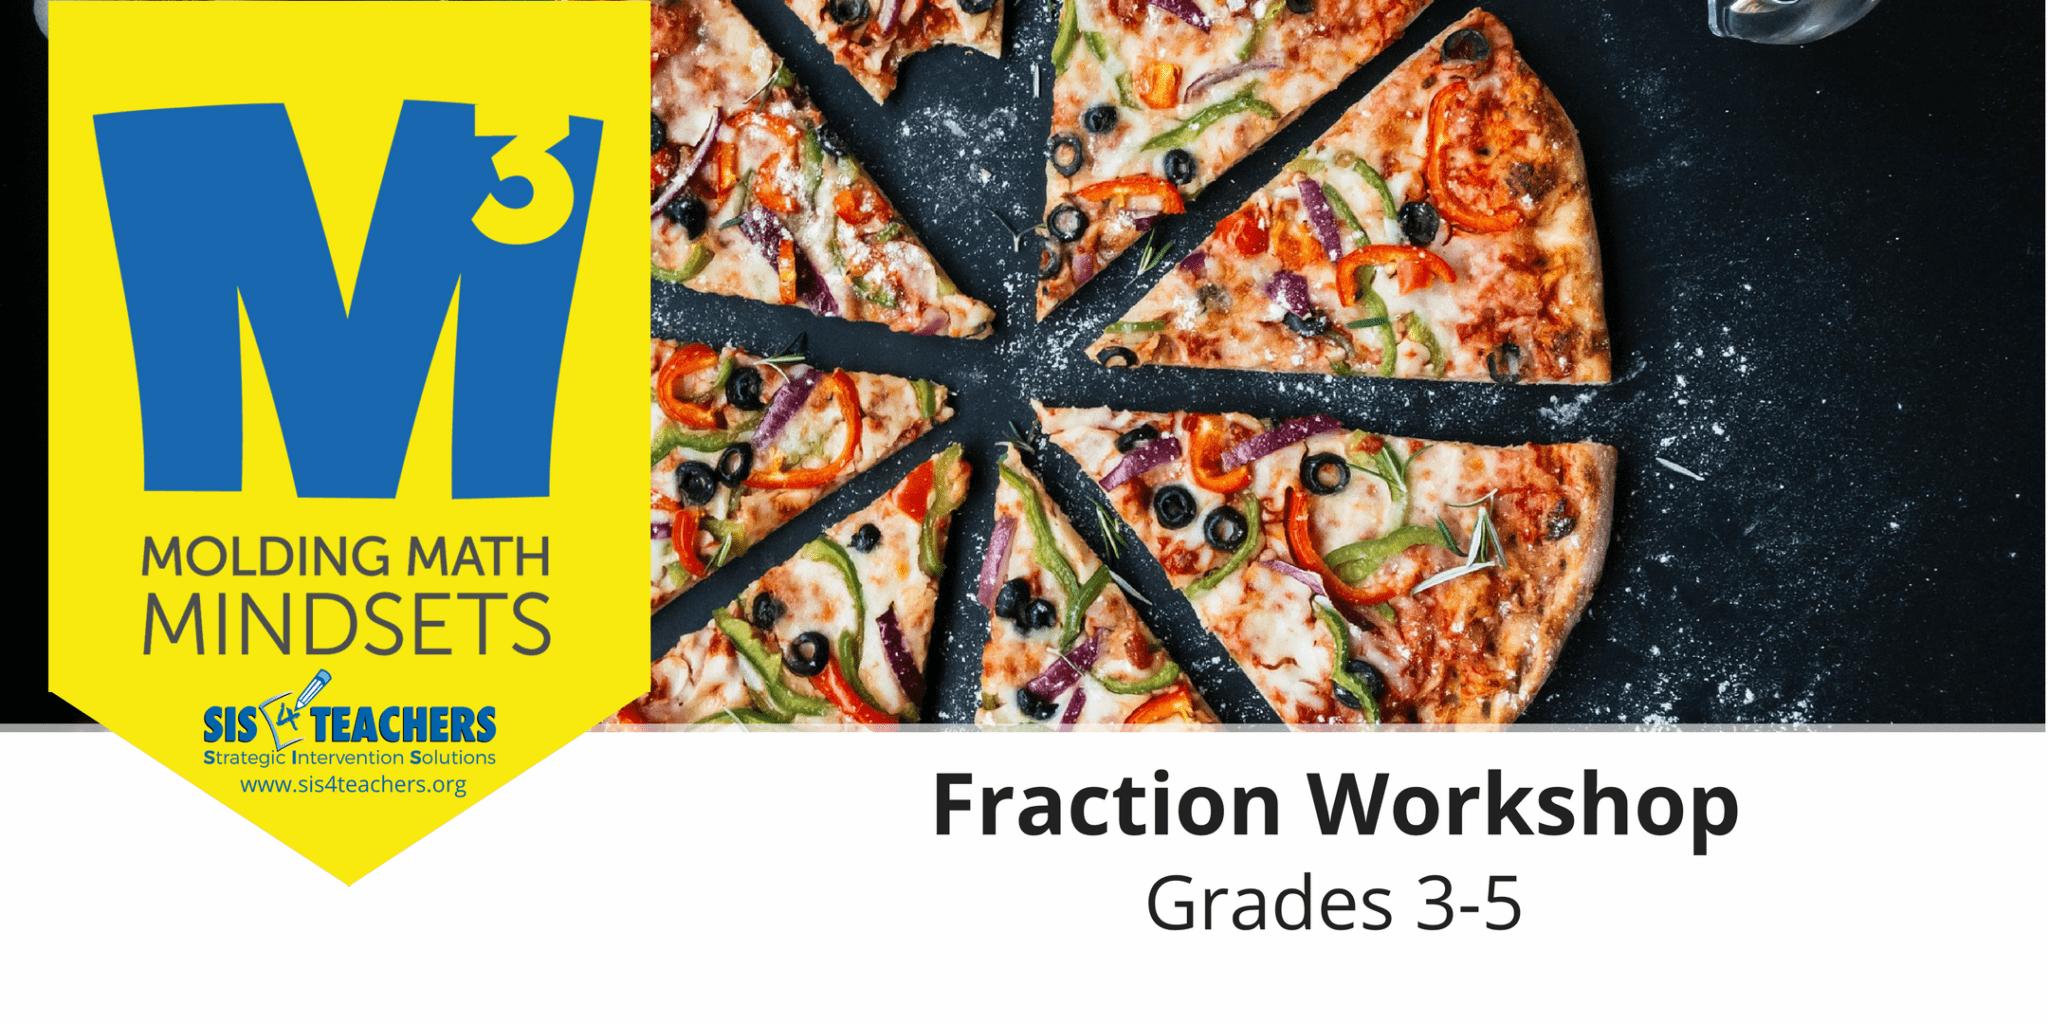 fraction workshop